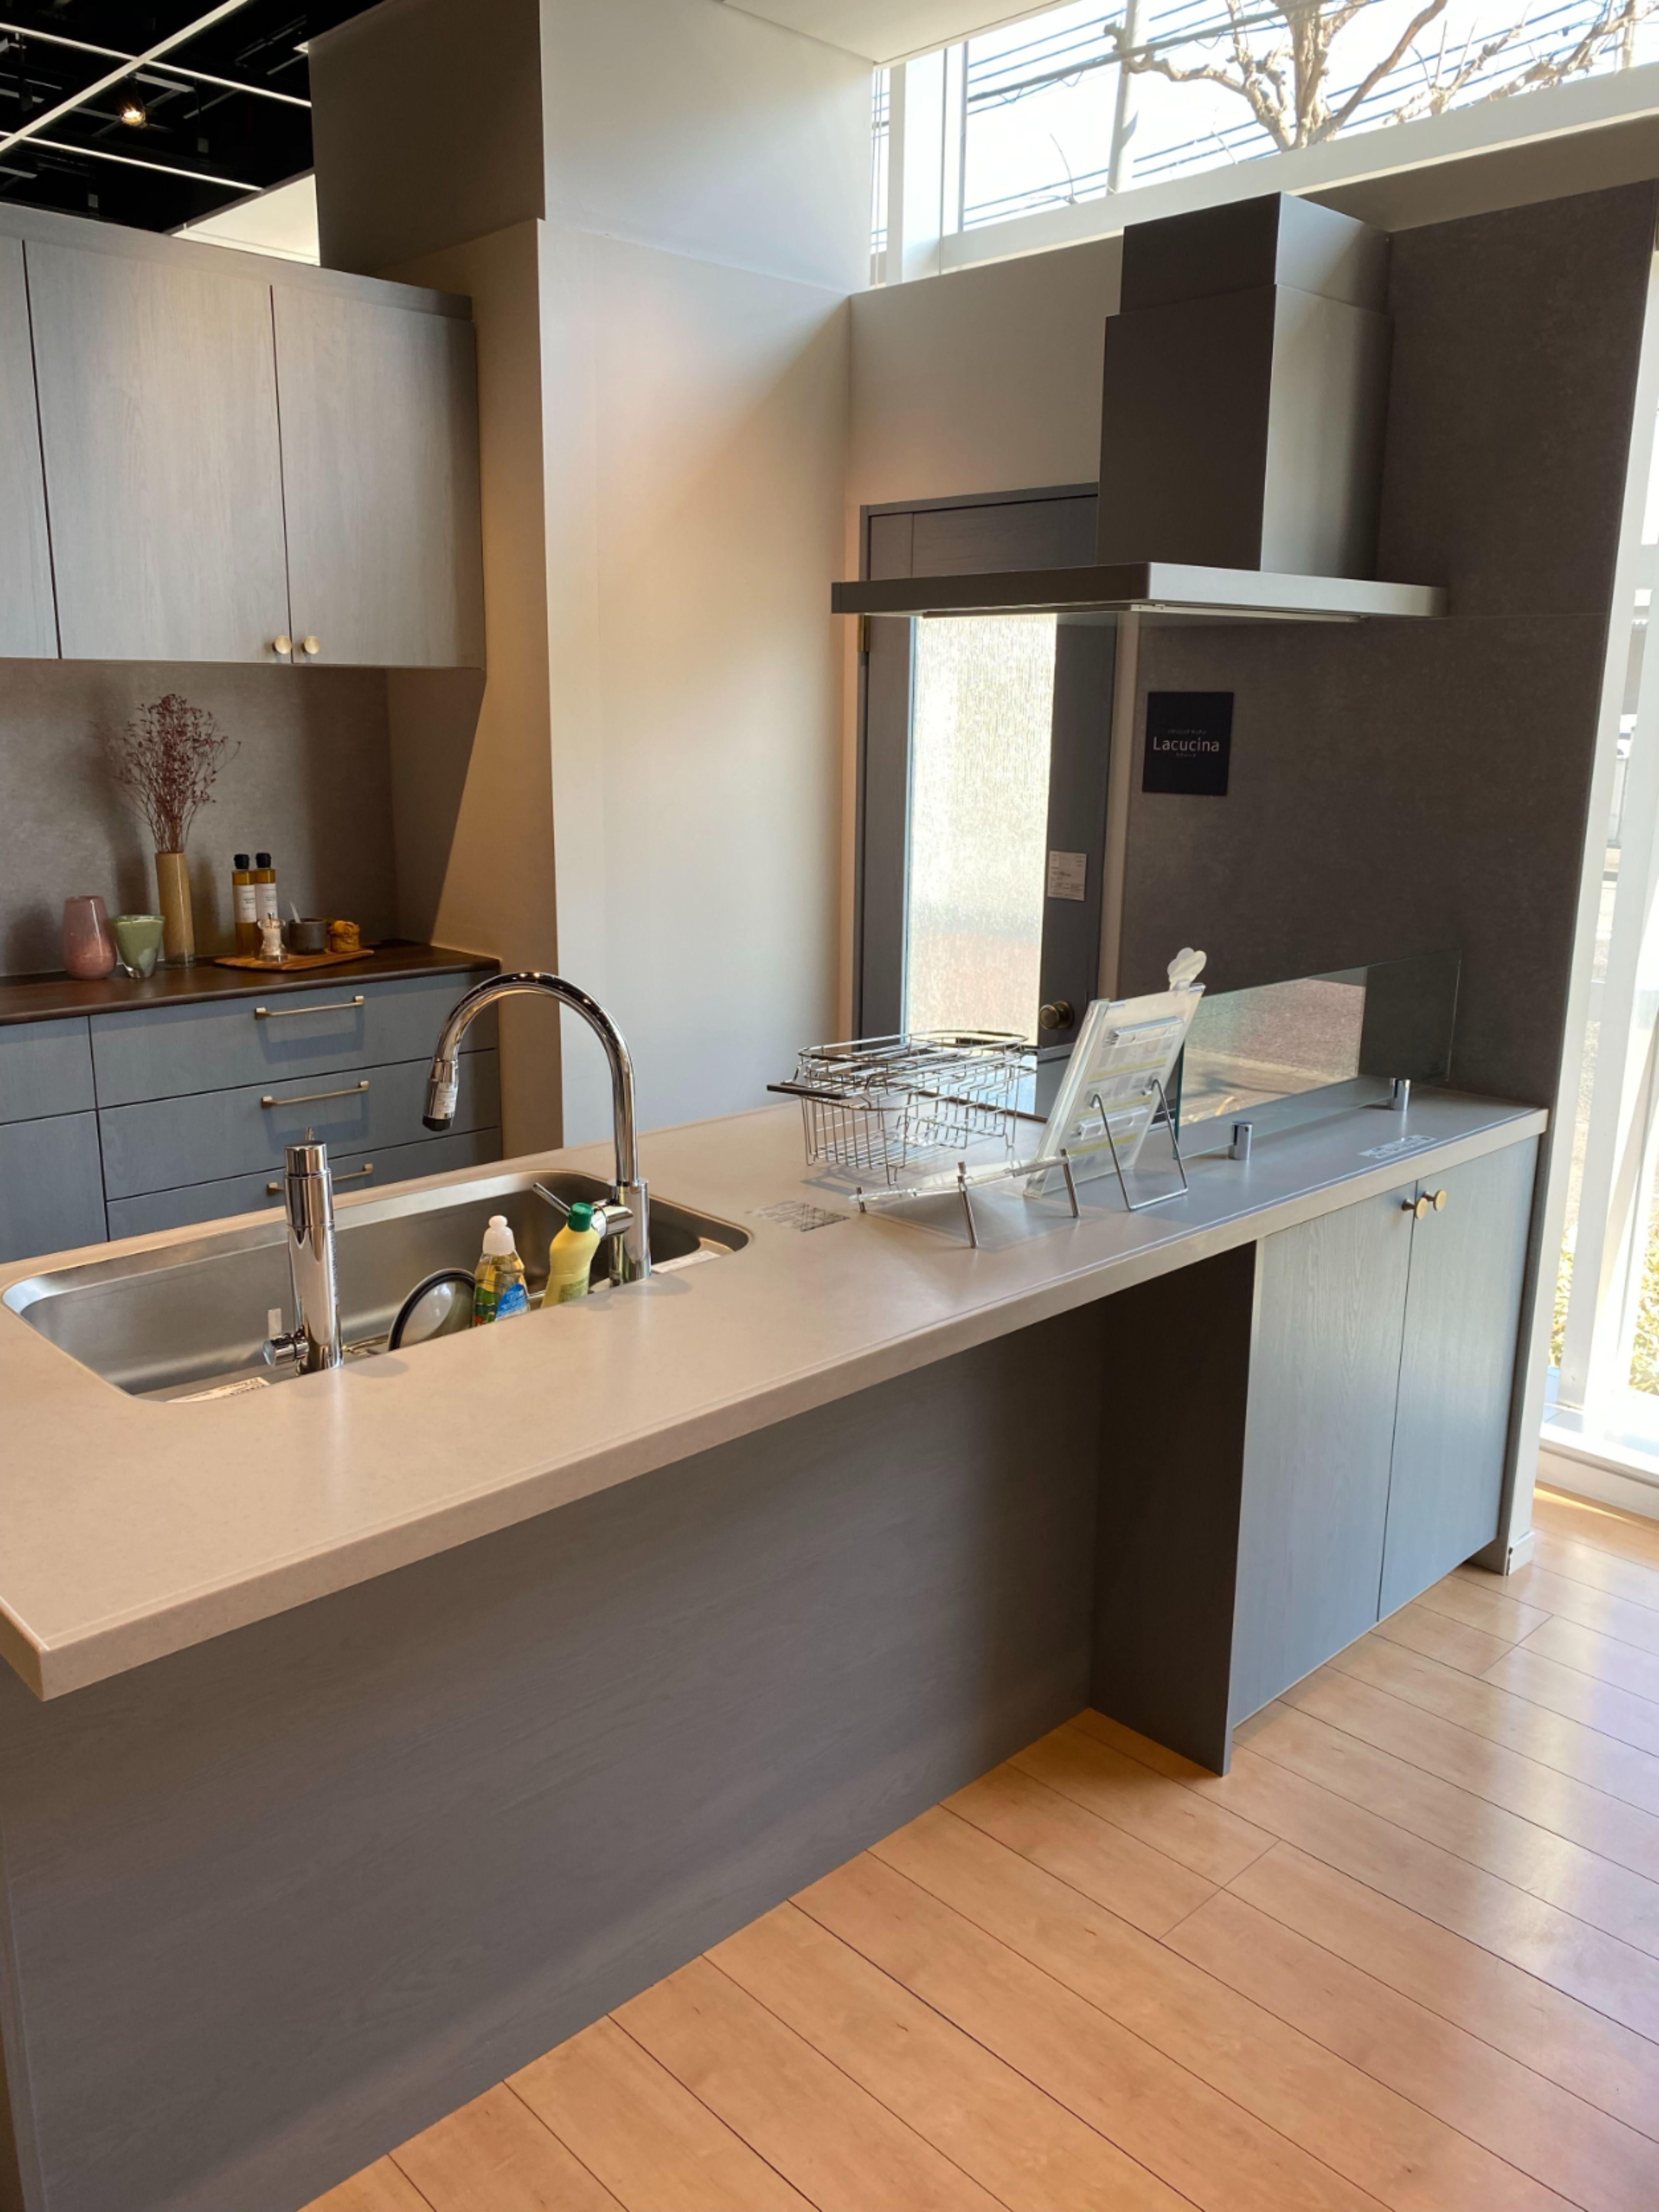 キッチン パナソニック 木目柄 対面キッチン キッチンパントリーのデザイン キッチンカウンター おしゃれ キッチンレイアウト